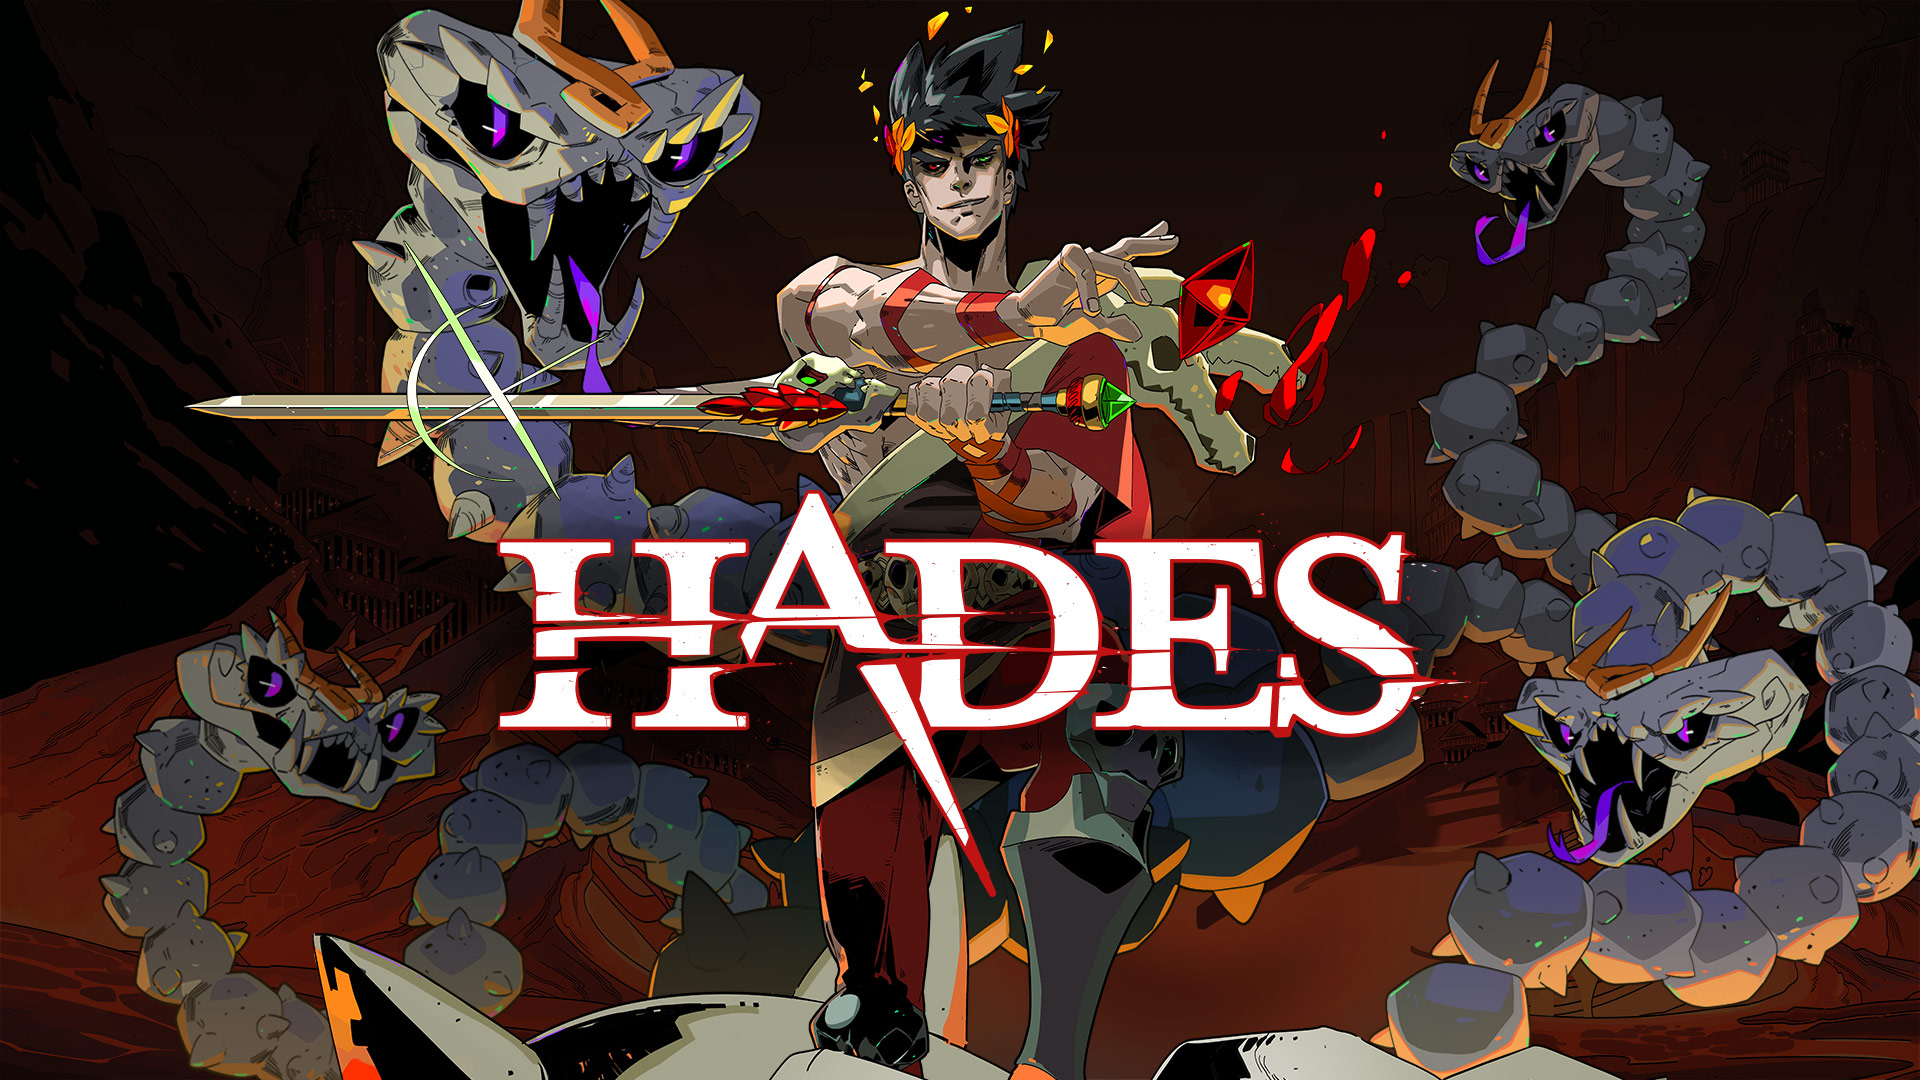 (圖源:Hades)